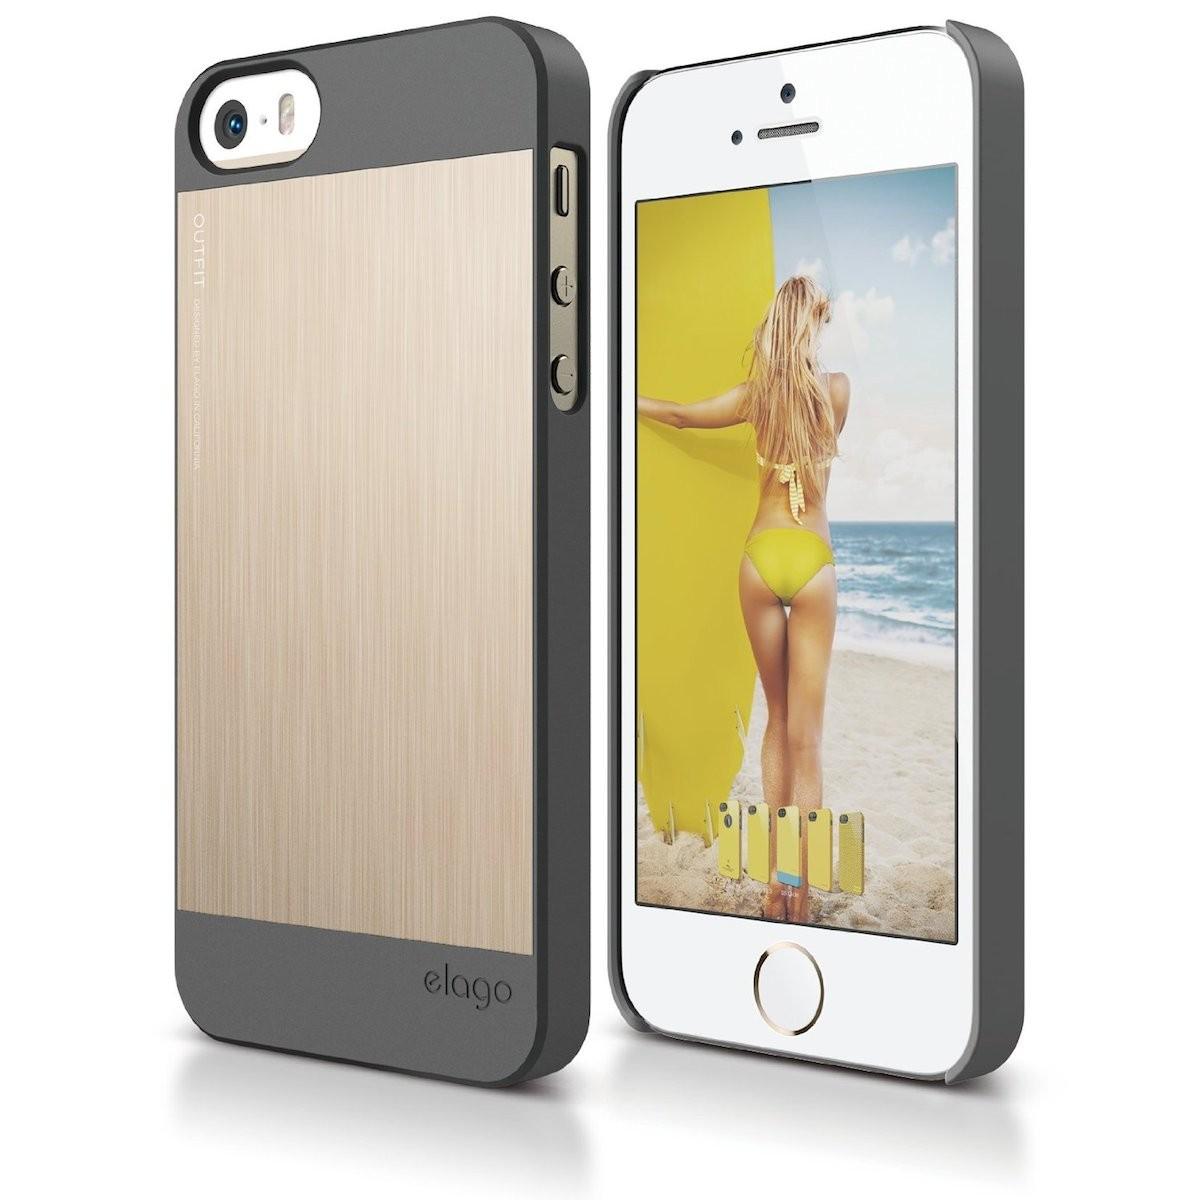 Златист кейс с тъмносиви кантове Elago за Apple iPhone 5/5s от алуминий и поликарбонат срещу удар и издраскване